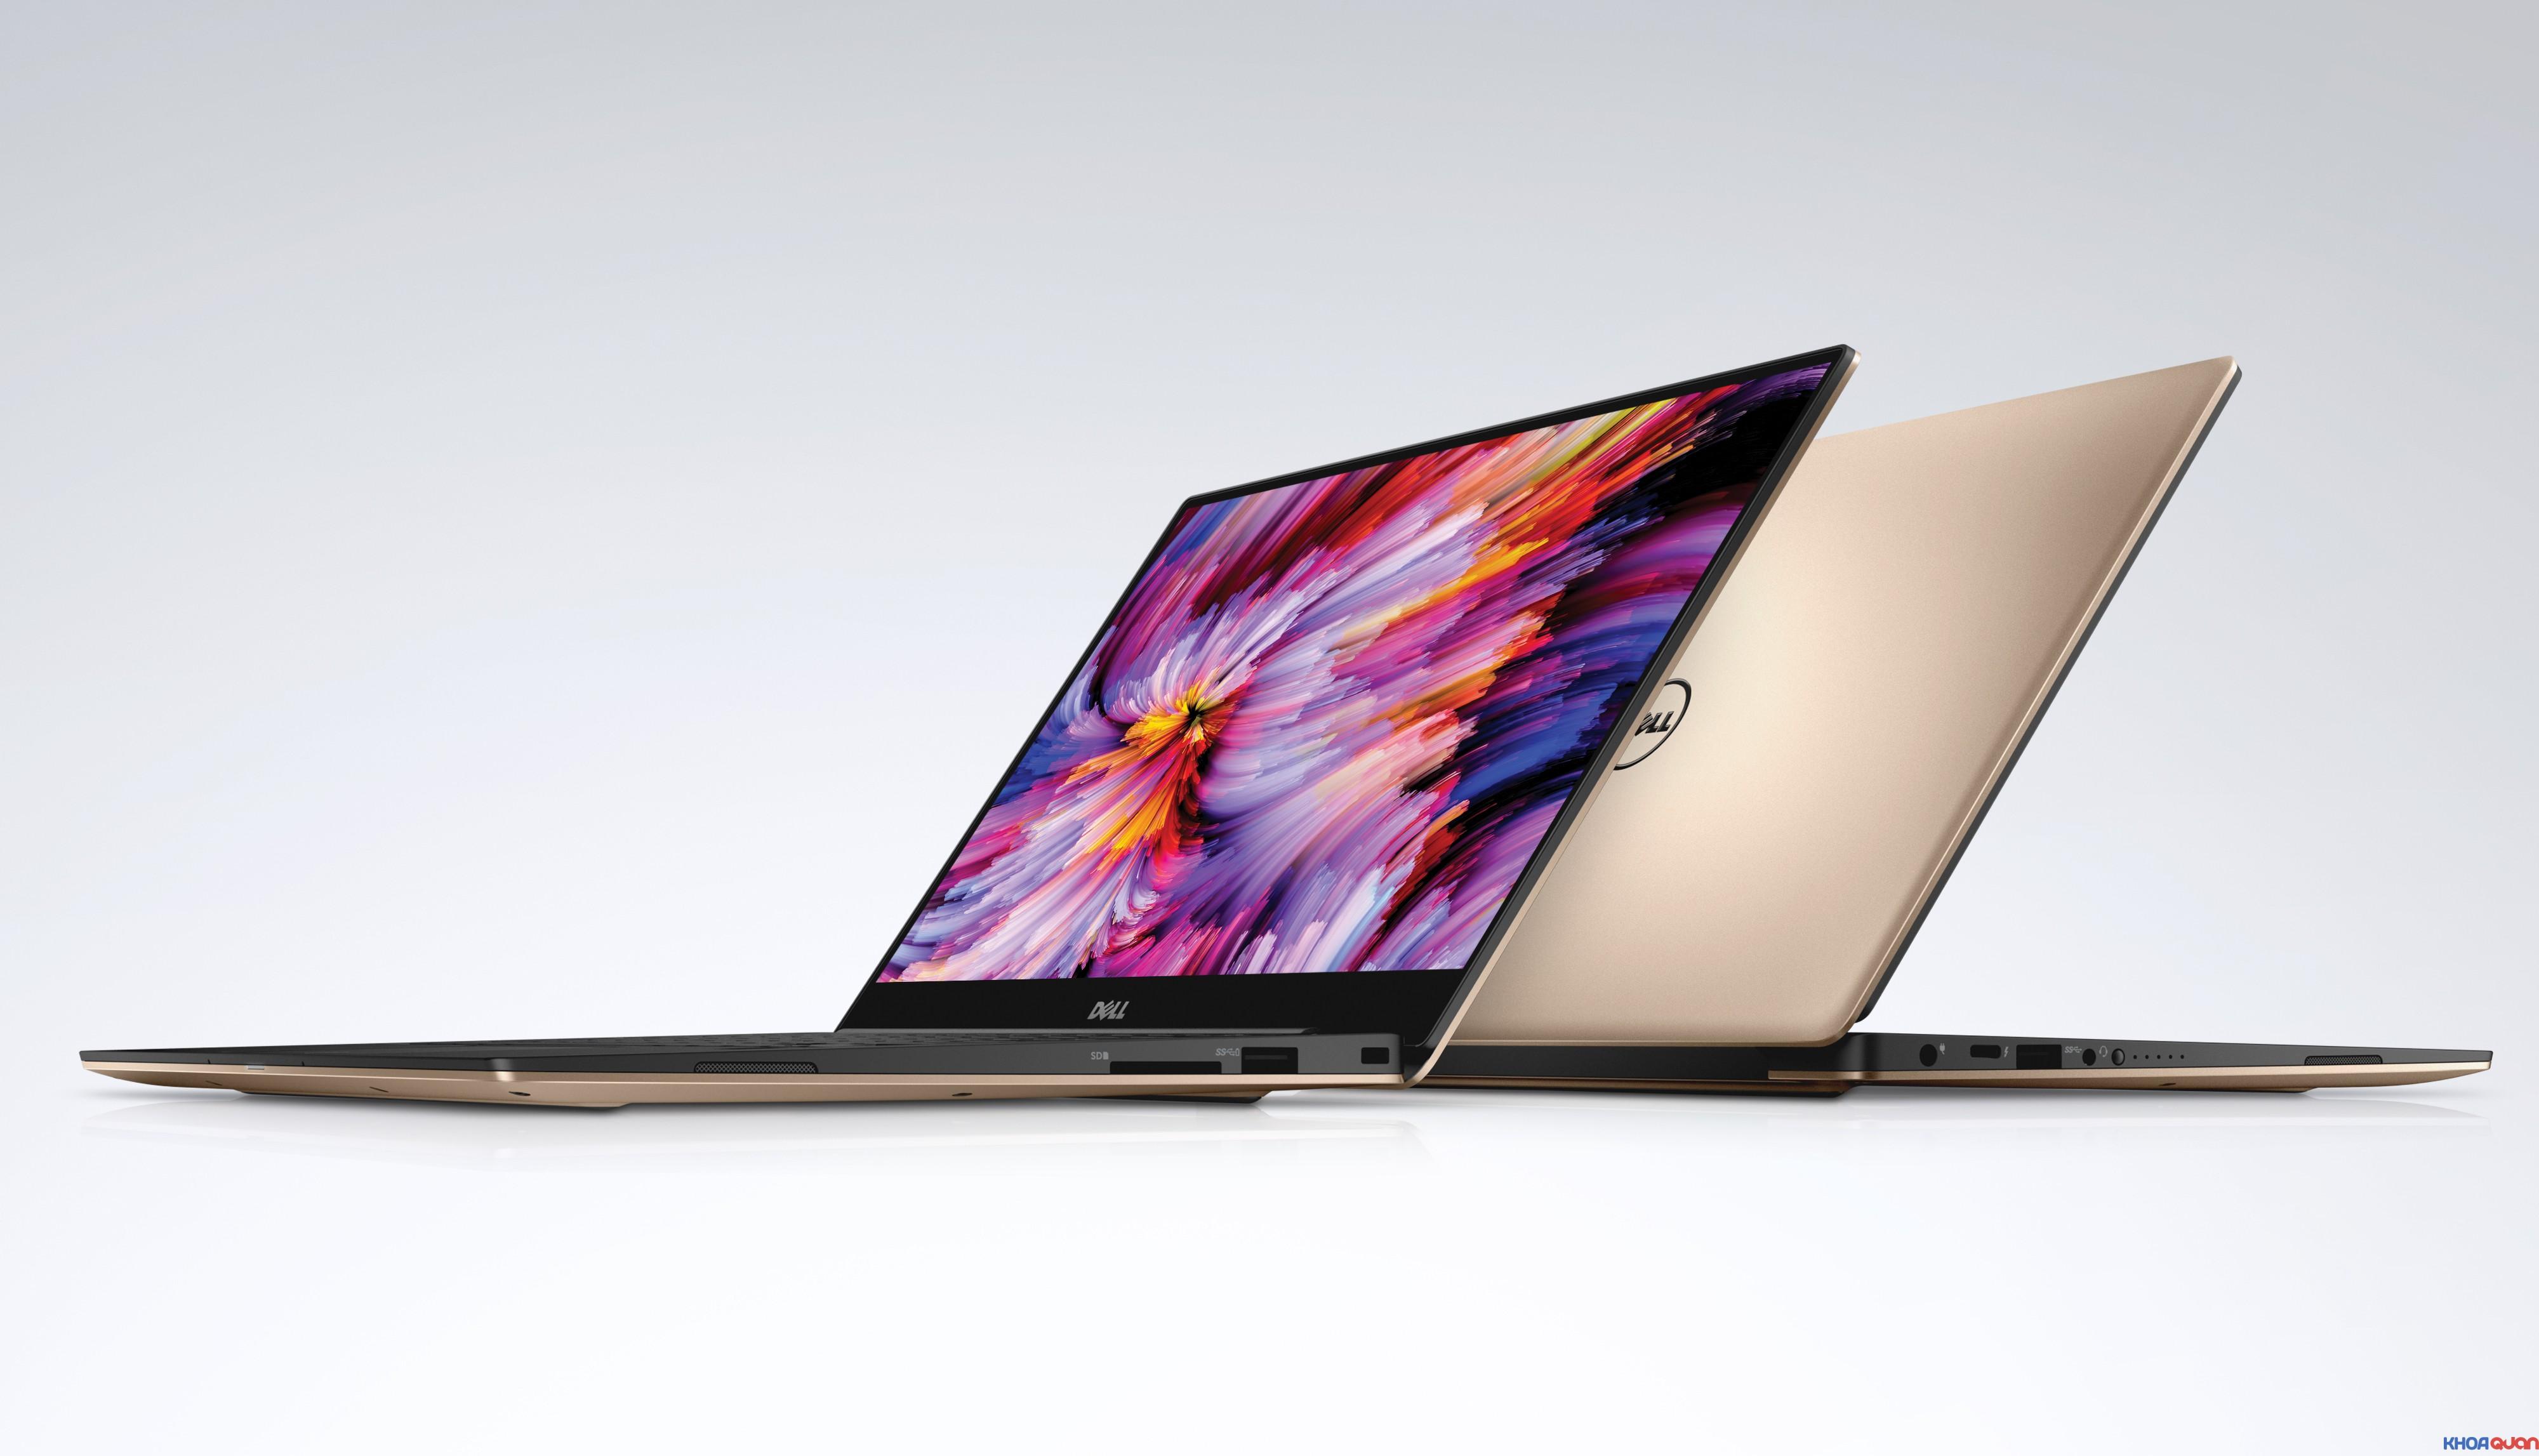 Tư vấn mua laptop Dell – máy tính xách tay dòng nào tốt và bền